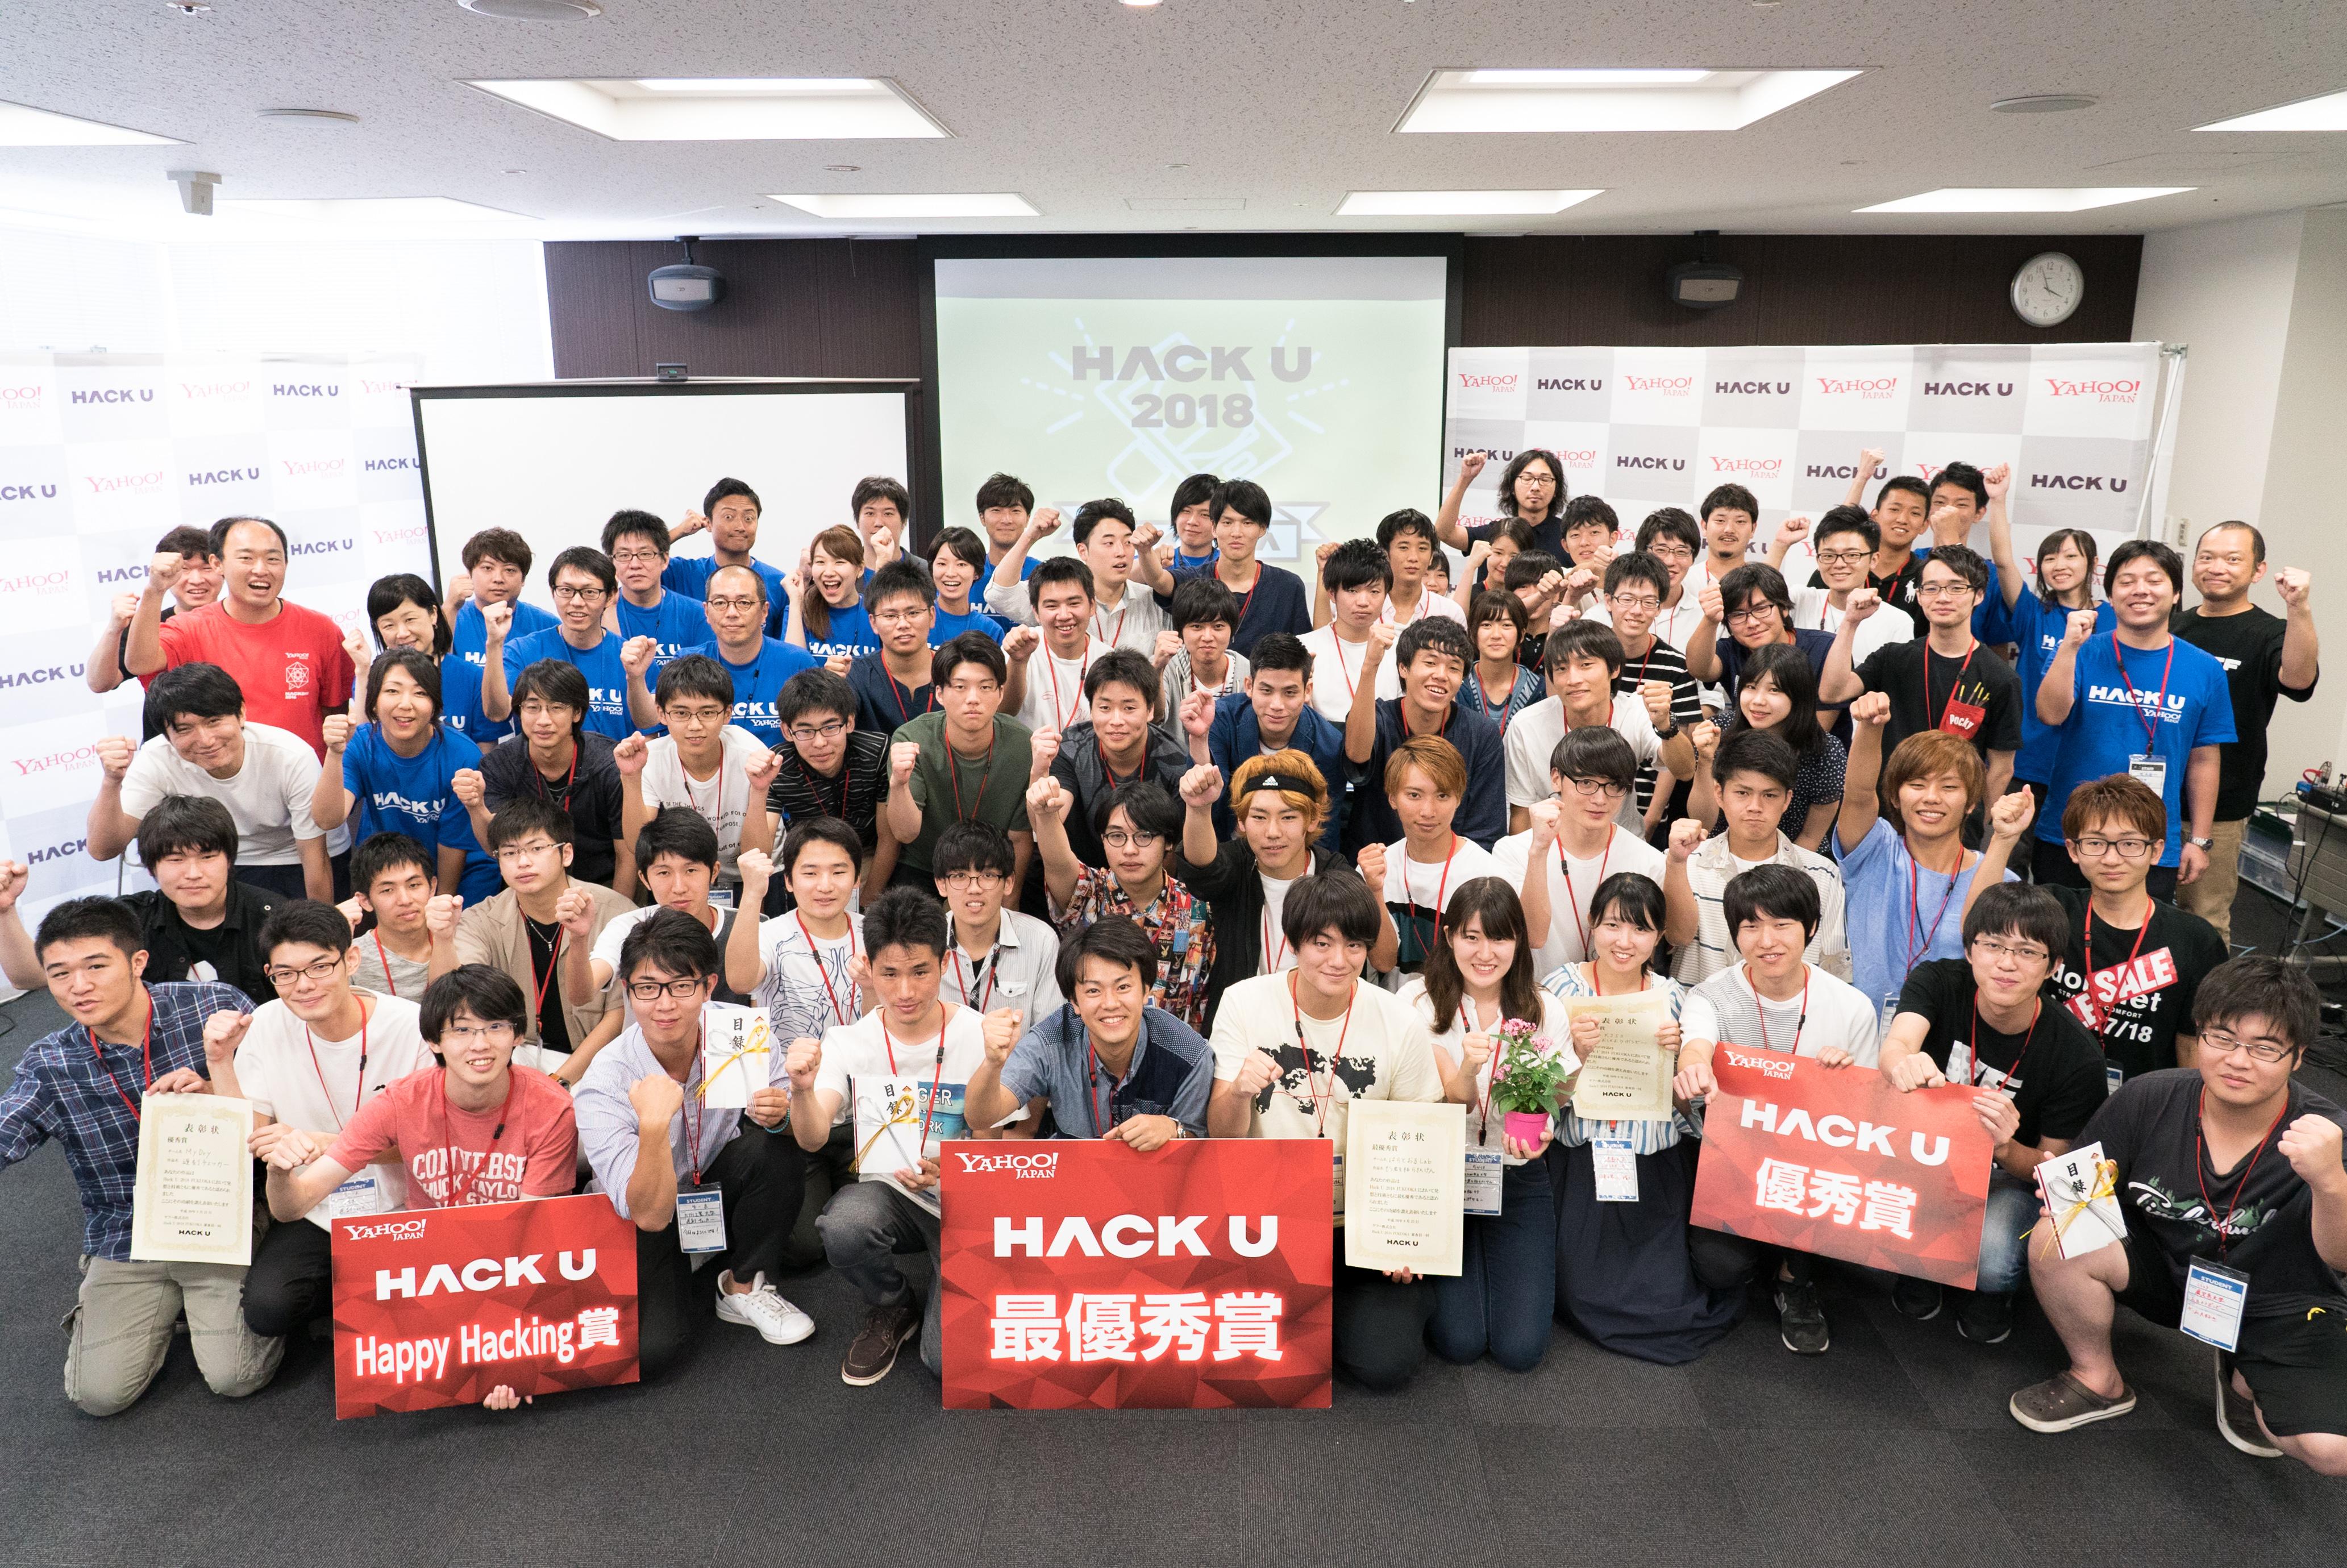 Hack U 2018 FUKUOKAのキービジュアル画像